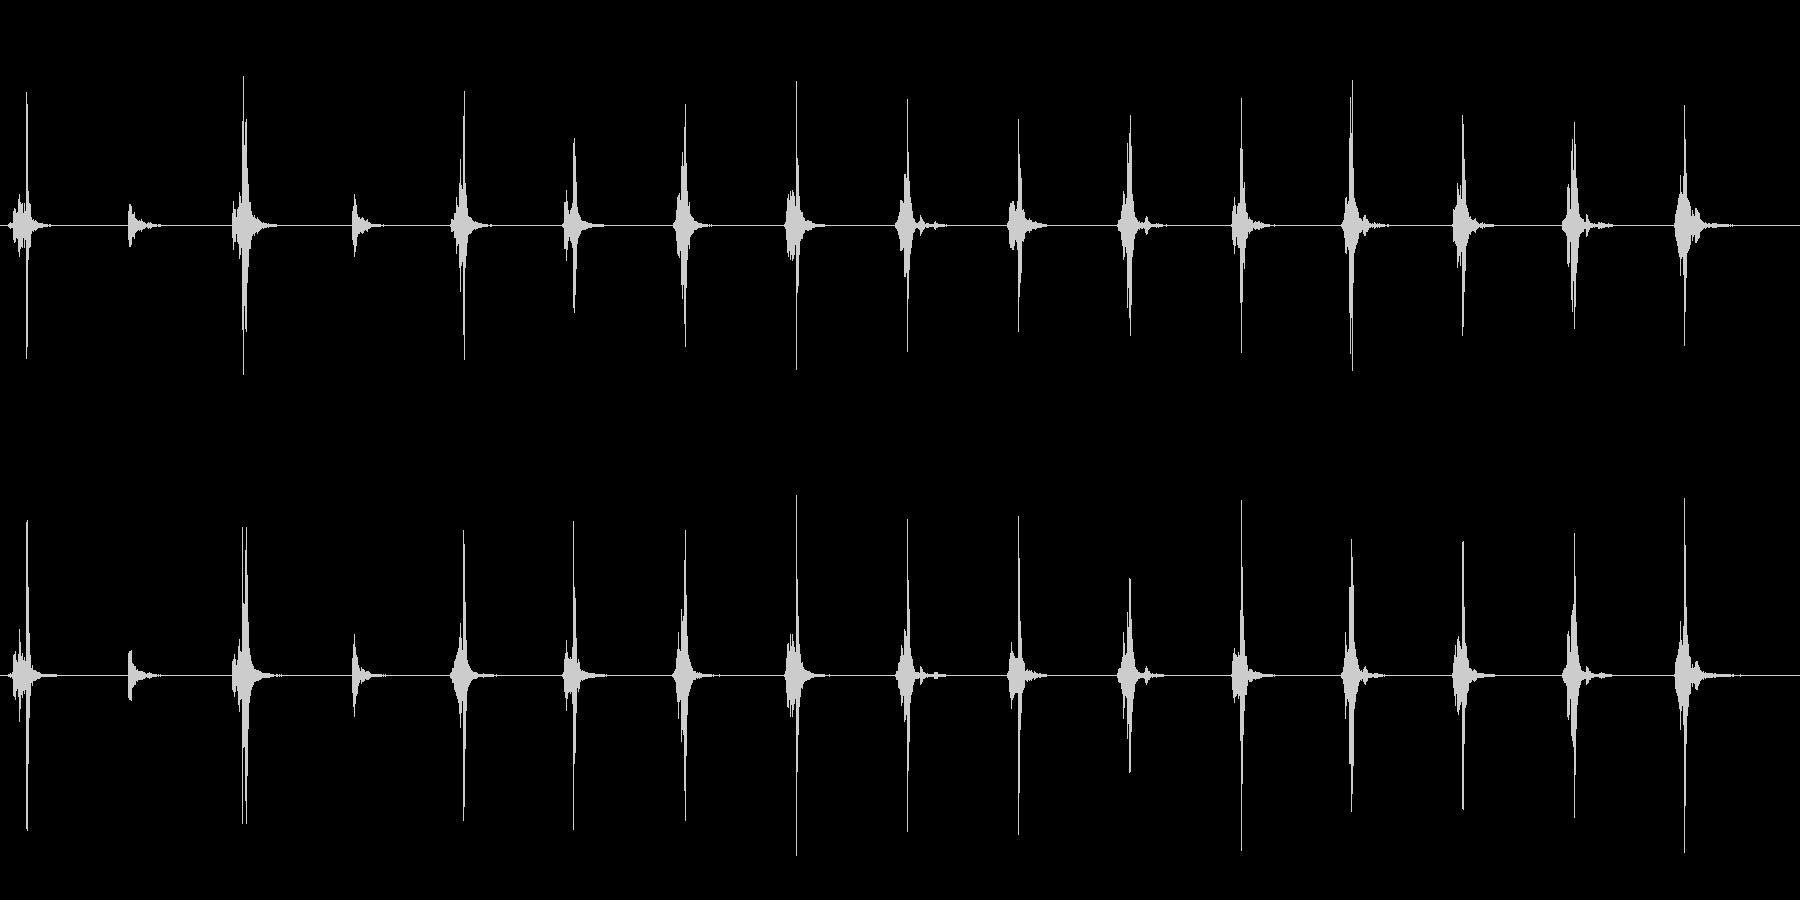 シンプルなタイマー音の未再生の波形